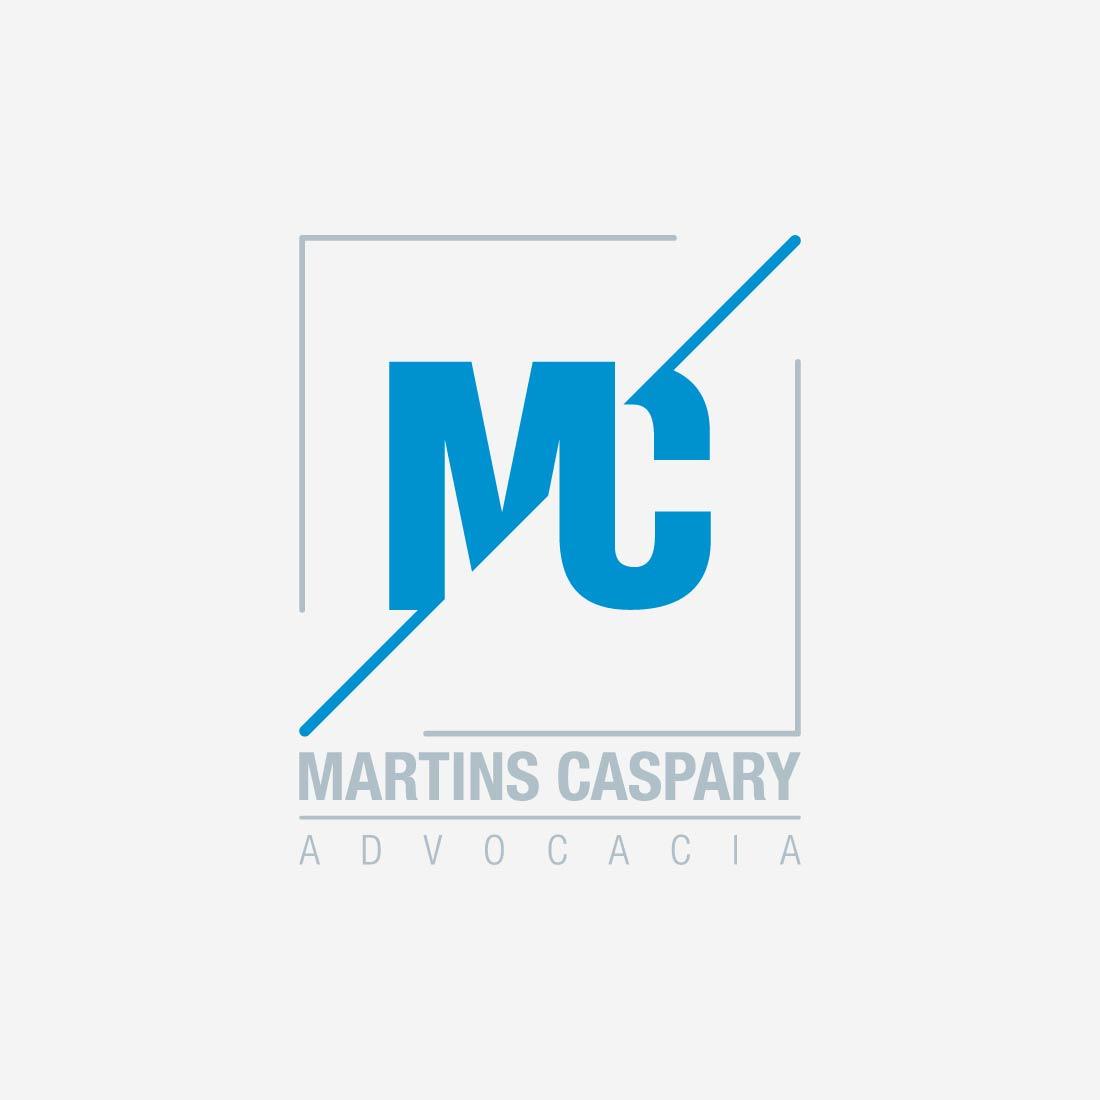 MARTINS CASPARY